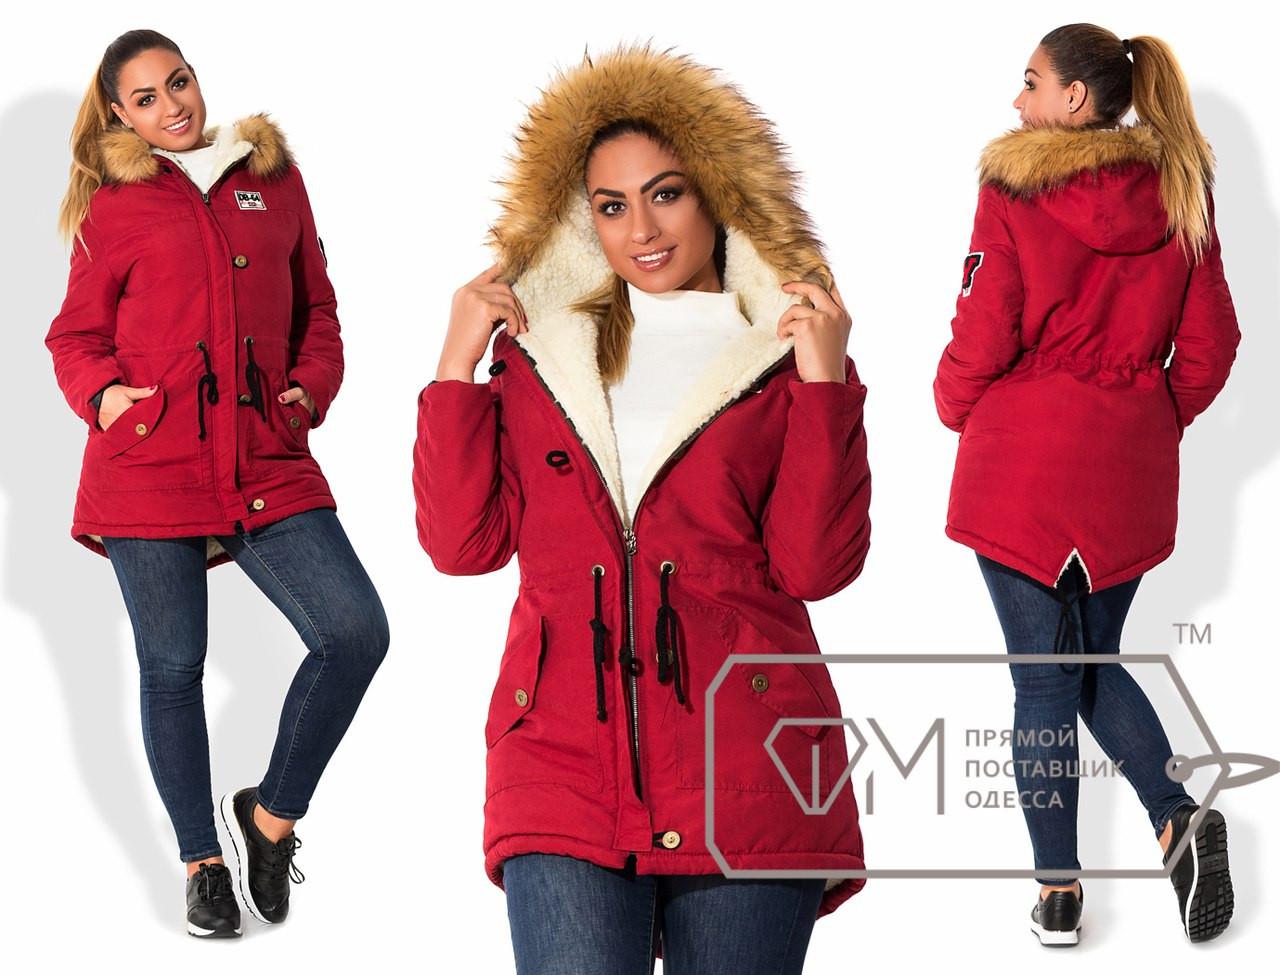 Женская теплая куртка парка. Большие размеры. Разные цвета - Гарна пані - е- be7004e8e35